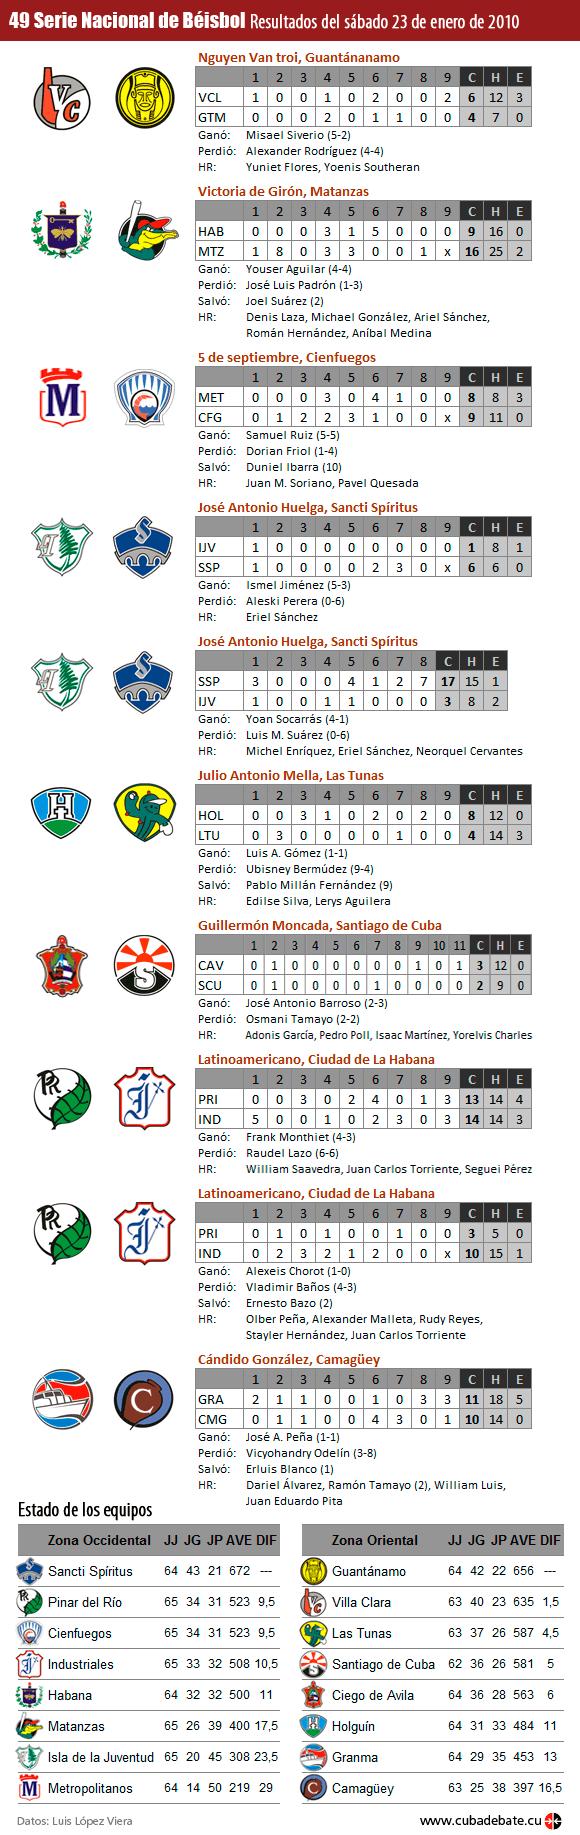 Infografía: Resultados del 23 de enero de 2010, Serie Nacional de Béisbol, Cuba